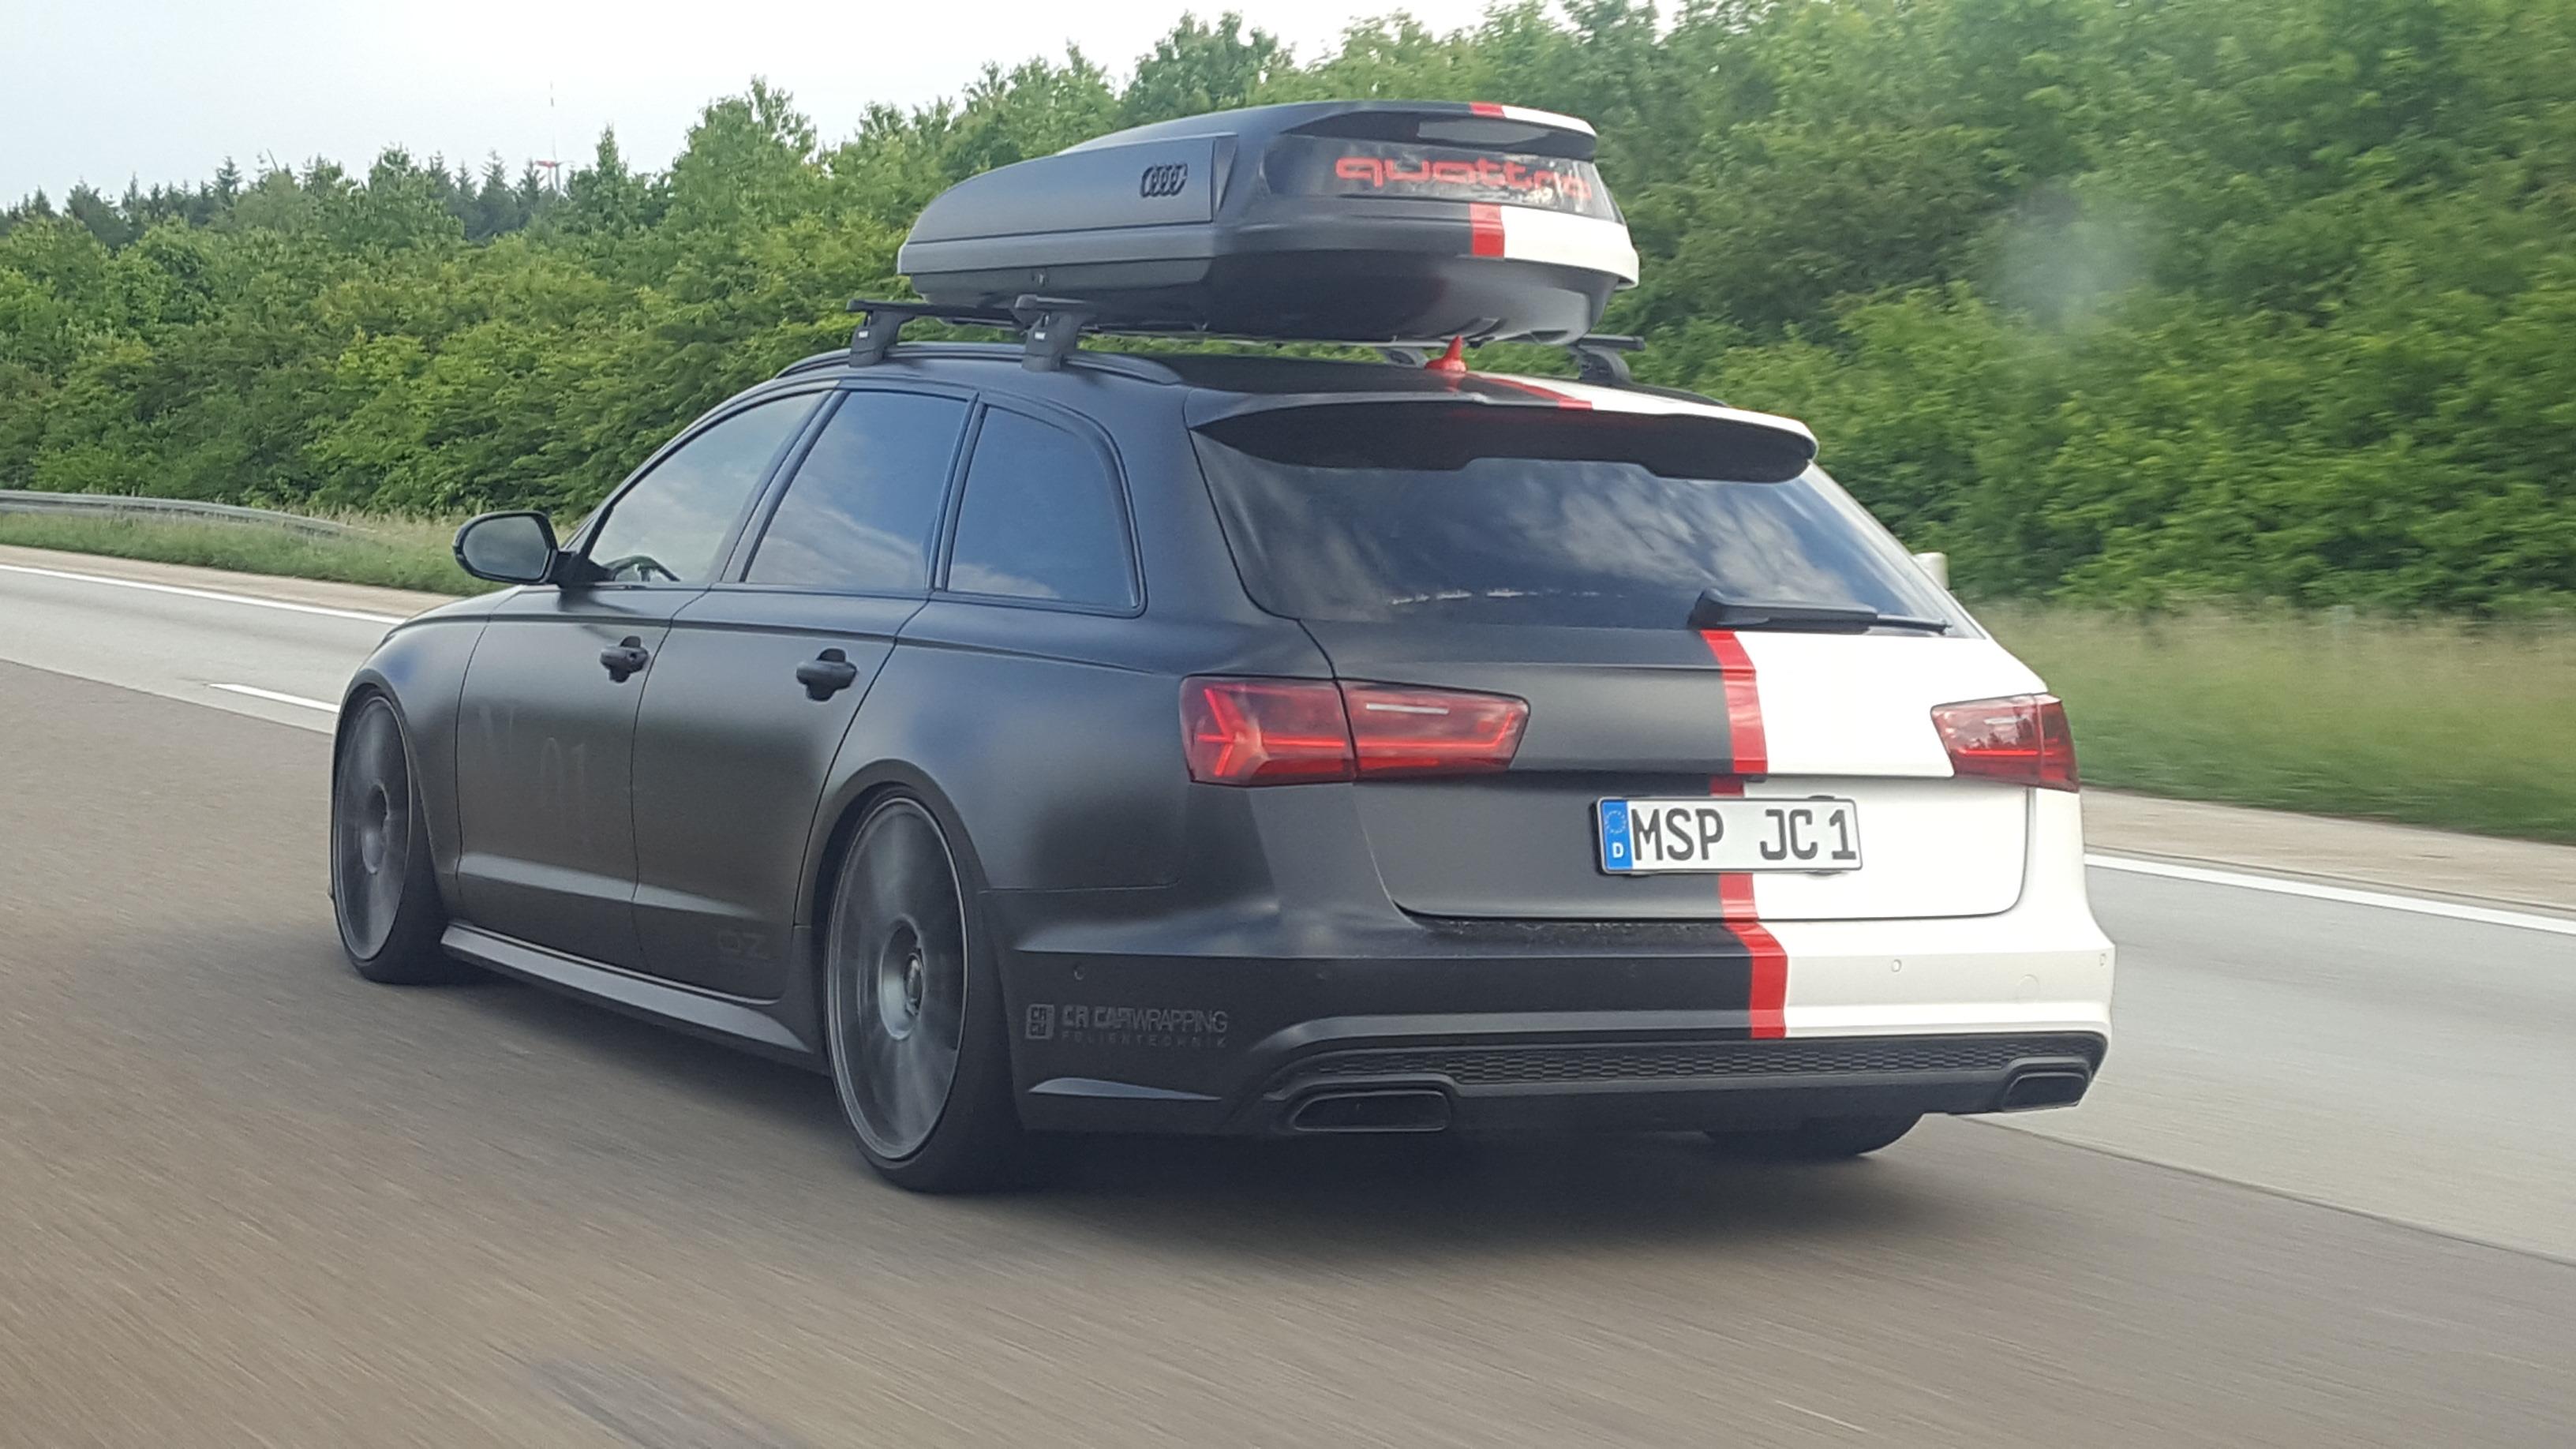 Audi A6 Komplettfolierung Satin schwarz satin weiß